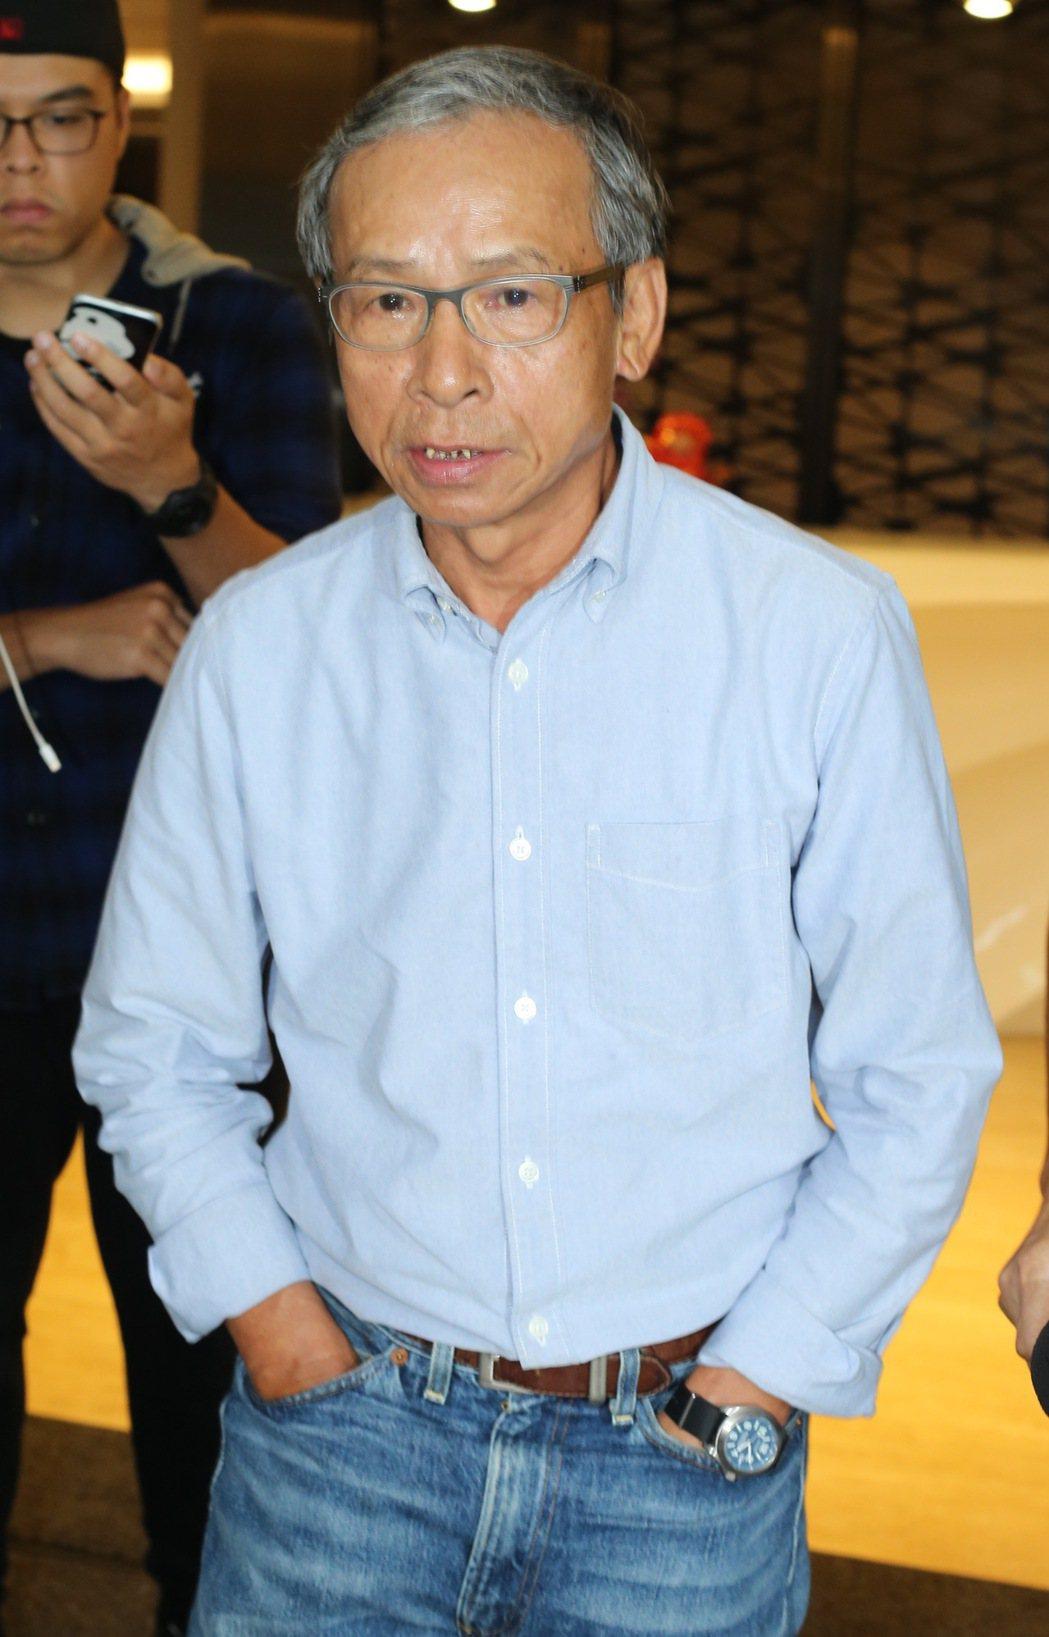 看見台灣記錄片導演齊柏林舉辦頭七法會,前來悼念的導演吳念真(圖)哽咽表示:我年紀